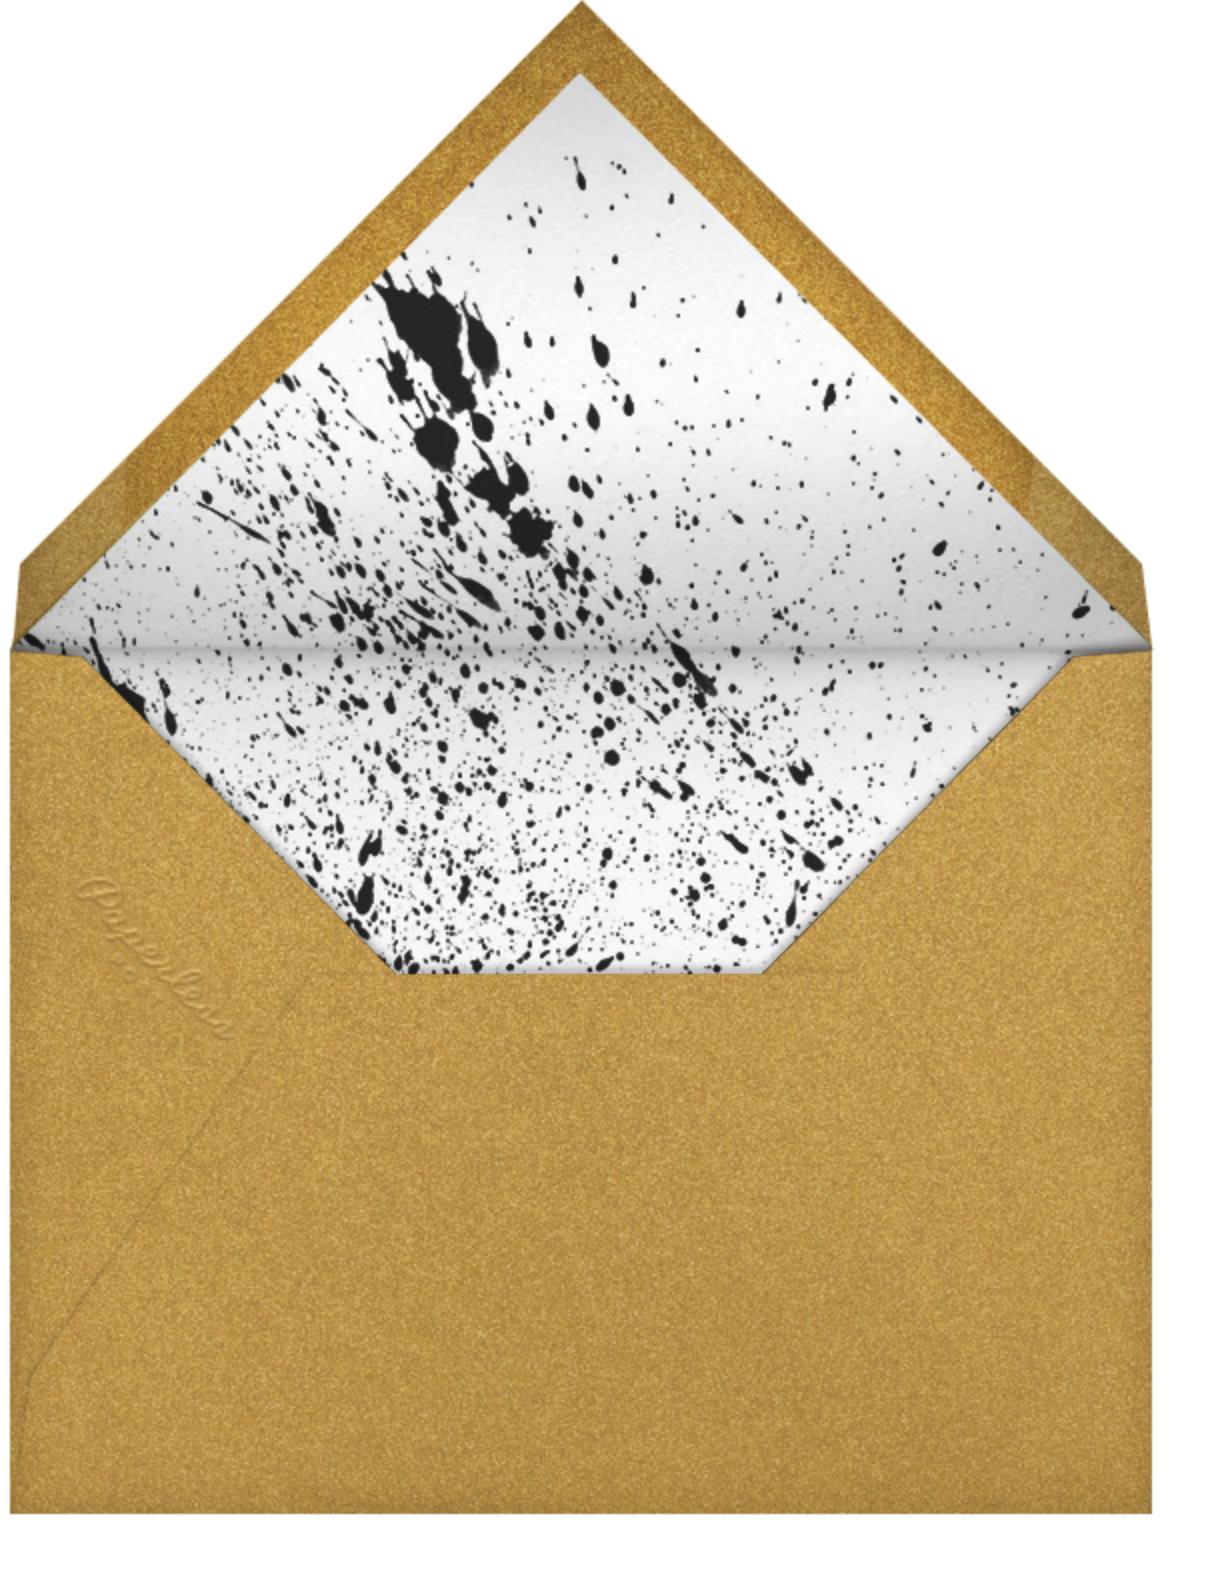 Sweet Dreams - Paperless Post - Envelope